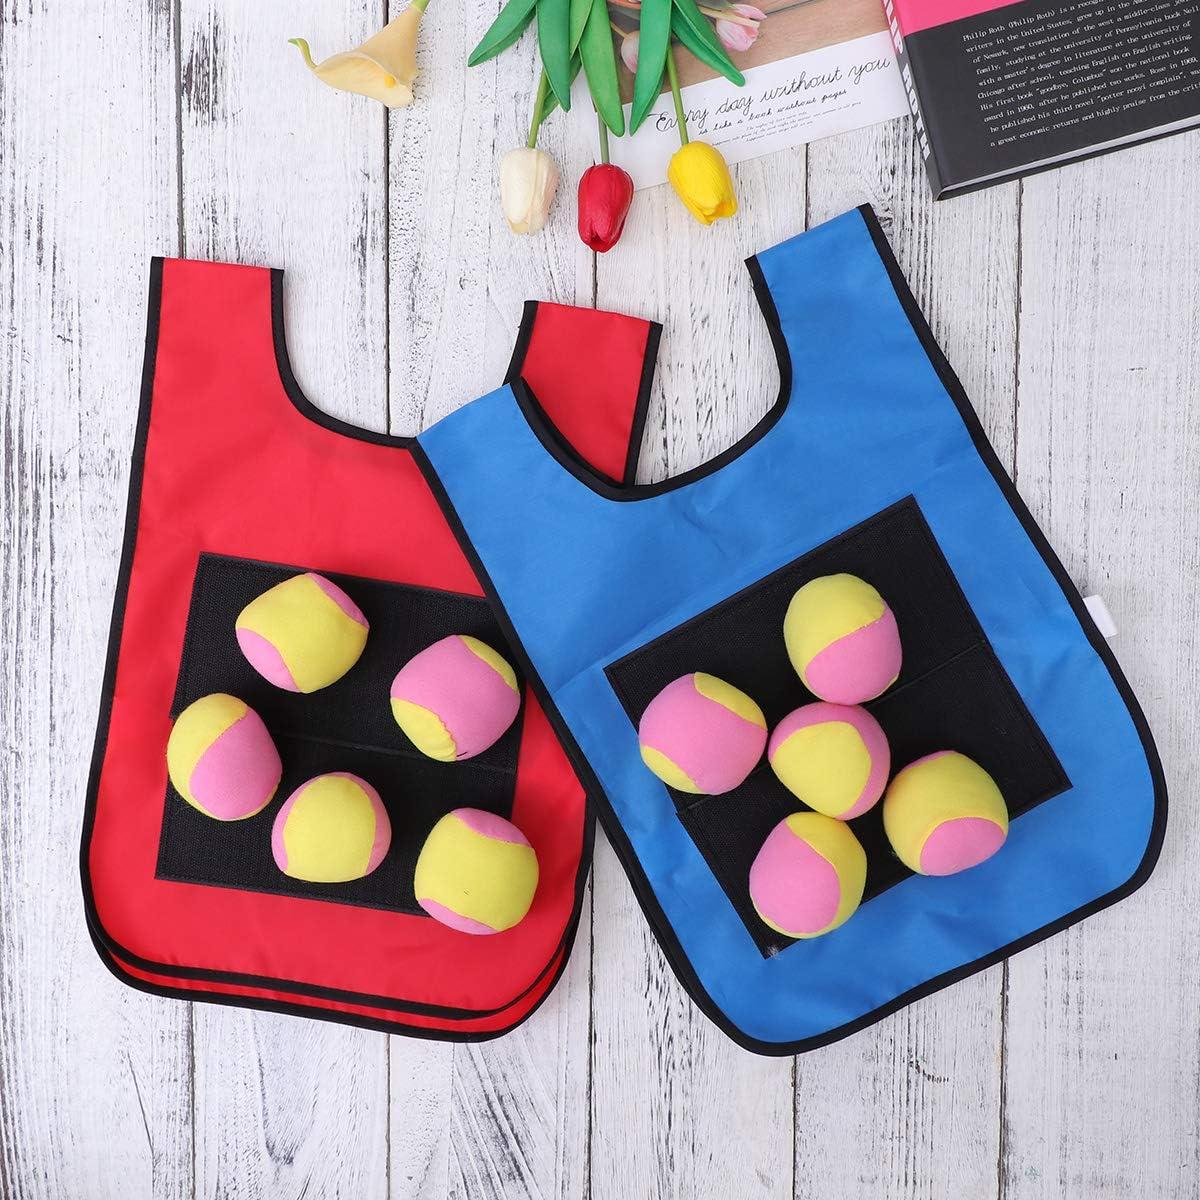 TOYANDONA 12pcs Children Sticky Ball Vest Sticky Jersey Vest Game Props for Kids